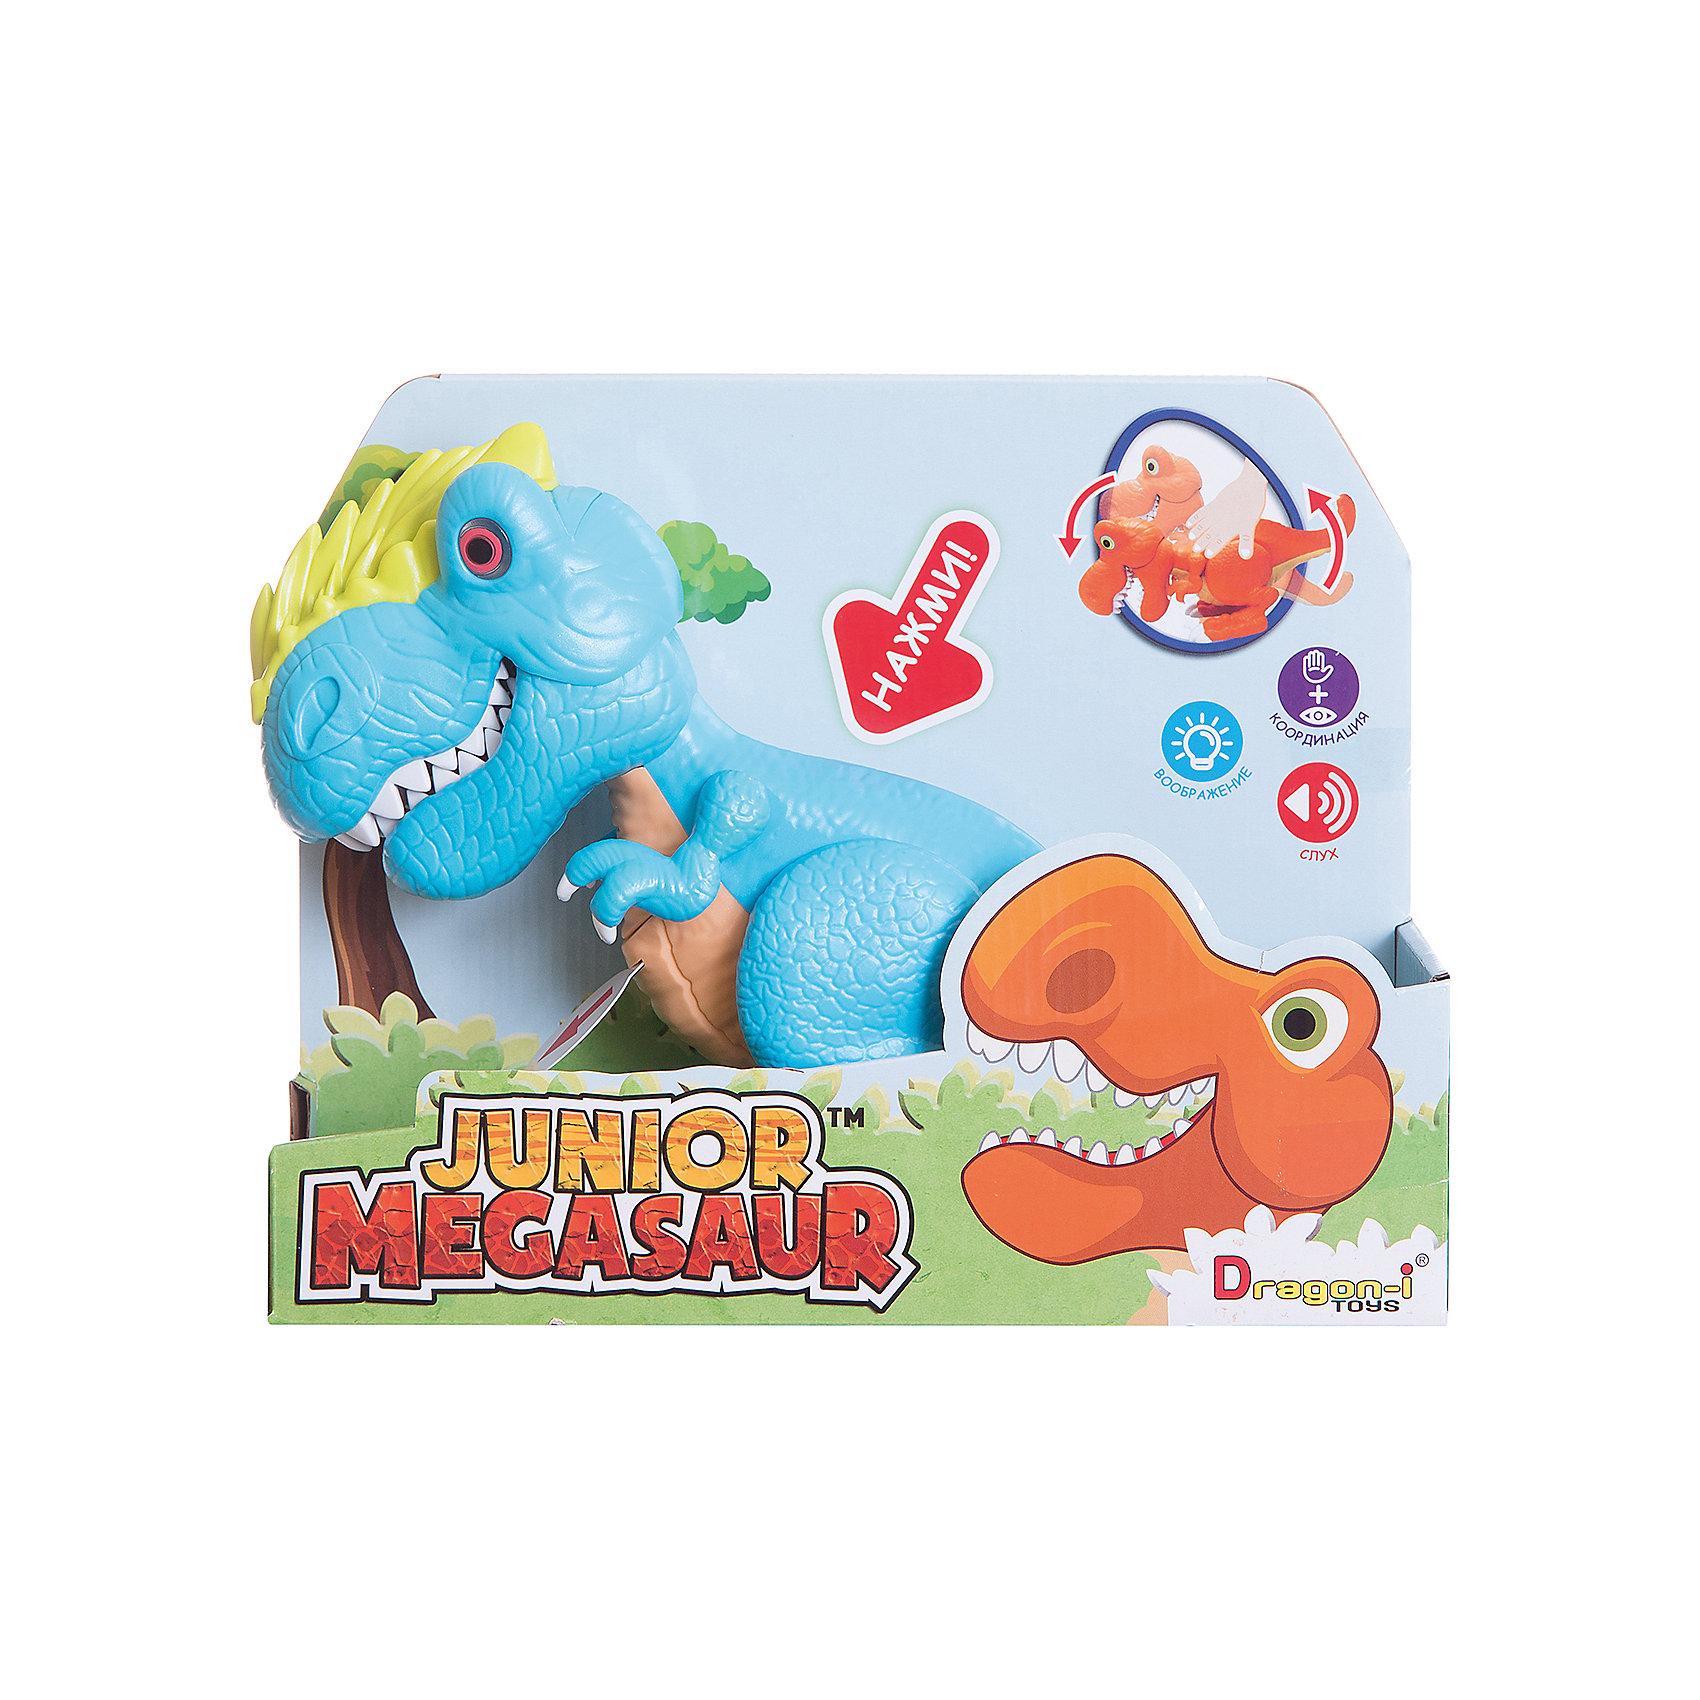 Динозавр Аллозавр, со светом и звуком, голубой, Junior MegasaurДраконы и динозавры<br>Характеристики товара:<br><br>• возраст: от 3 лет;<br>• материал: пластик;<br>• цвет: голубой;  <br>• тип батареек : 2 батарейки АА ;<br>• наличие батареек : демонстрационные батарейки;<br>• размер упаковки: 31х11х26 см;<br>• вес упаковки: 603 гр.; <br>•страна обладатель бренда: США.   <br><br>Динозавр Аллозавр, со светом и звуком, голубой, Junior Megasaur оснащен световыми и звуковыми эффектами: при наклоне корпуса динозавра у него будут светиться глаза, он зарычит и начнёт хлопать пастью. При этом динозавр может захватывать мелкие предметы со стала или с пола. Динозаврик рычит при нажатии на спину, при этом у него светятся глаза.<br><br>Игрушку динозавр «Аллозавр» Junior Megasaur , со светом и звуком  можно приобрести в нашем интернет-магазине.<br><br>Ширина мм: 310<br>Глубина мм: 110<br>Высота мм: 240<br>Вес г: 603<br>Возраст от месяцев: 36<br>Возраст до месяцев: 2147483647<br>Пол: Мужской<br>Возраст: Детский<br>SKU: 6916228